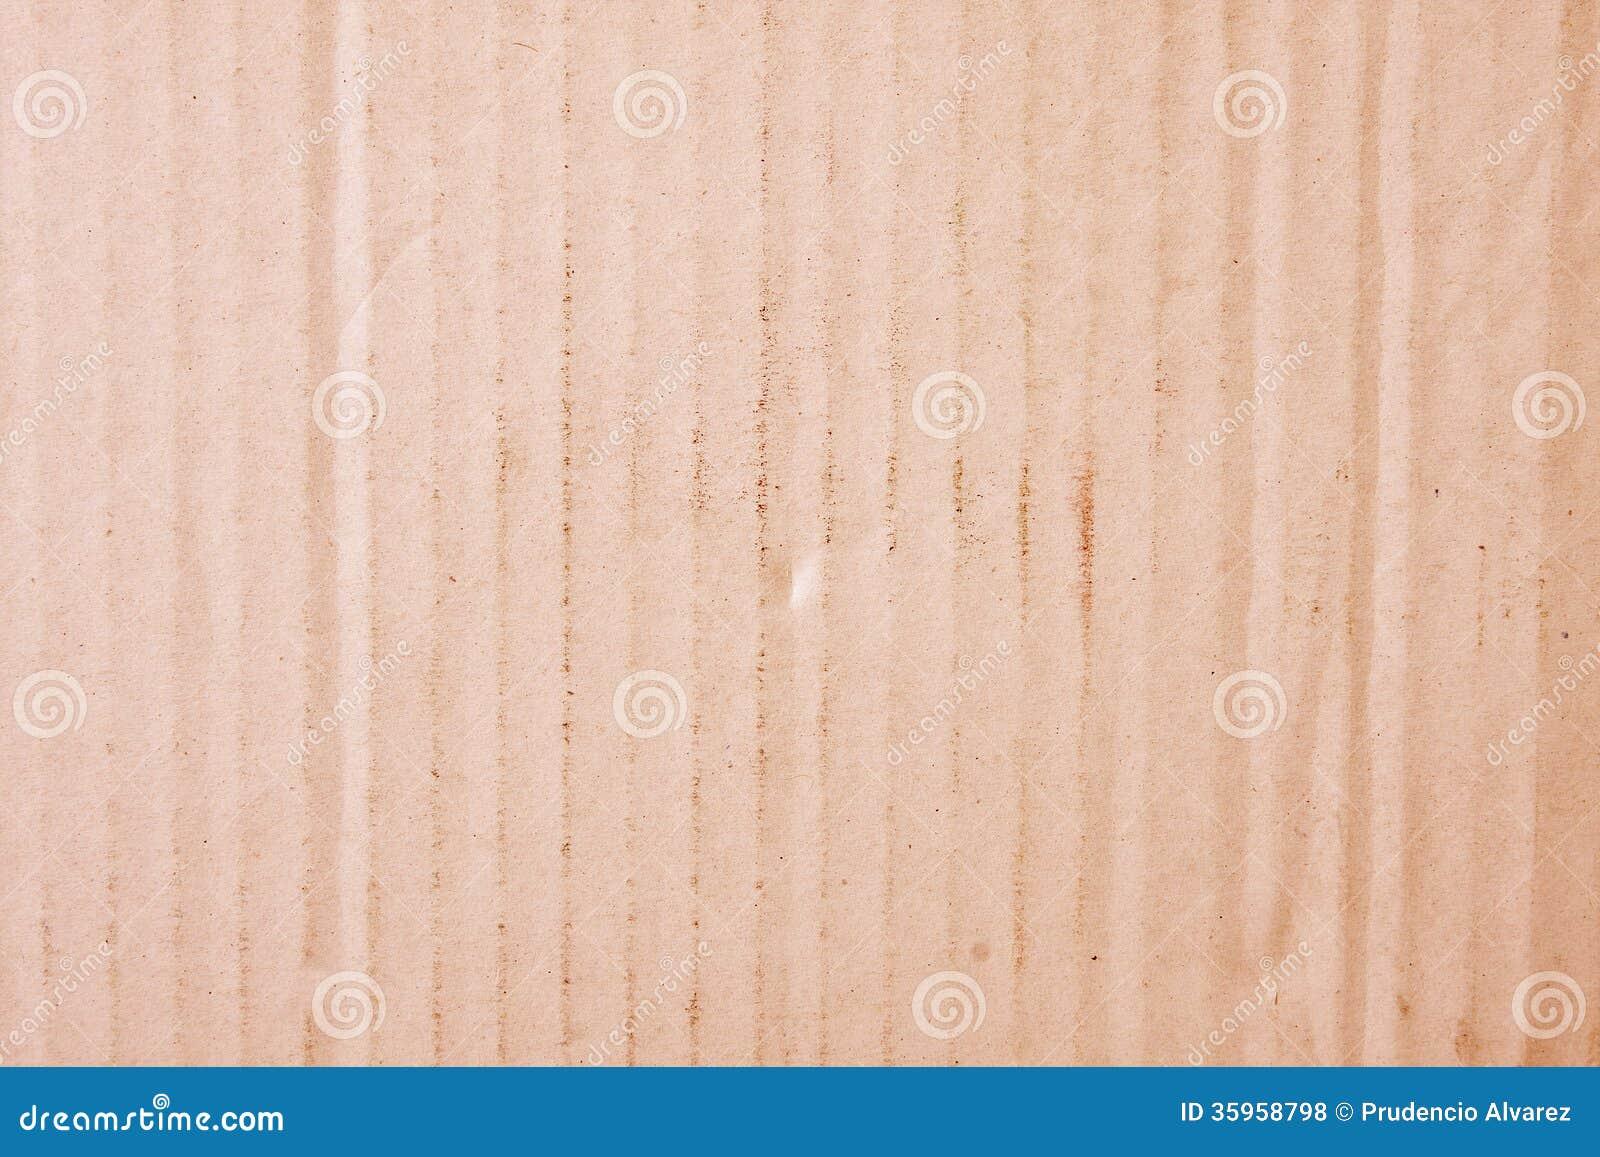 Textura del papel de la cartulina